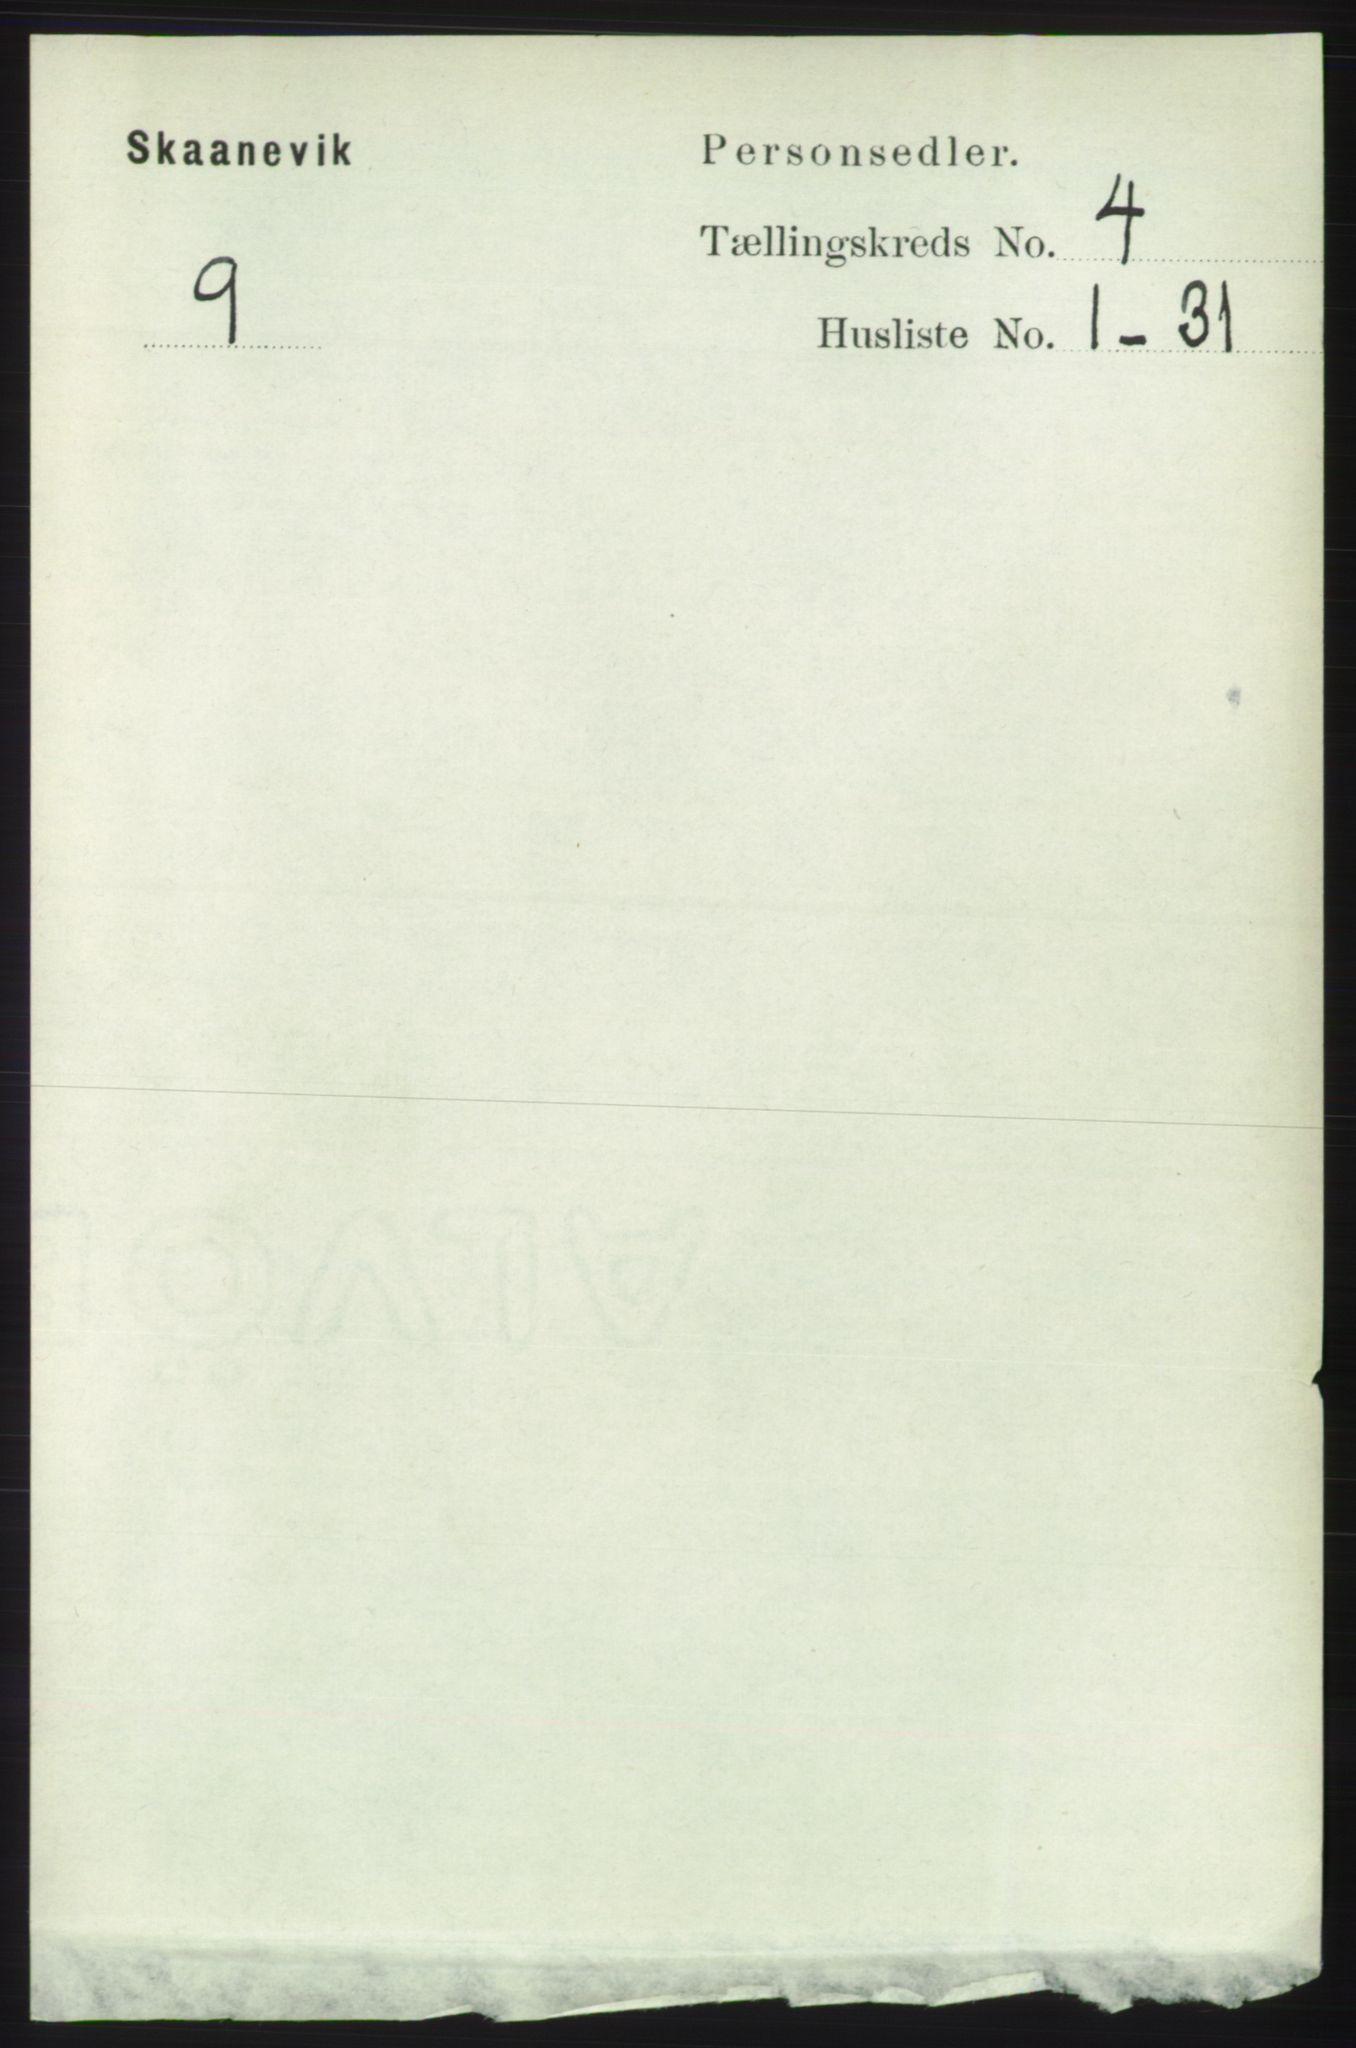 RA, Folketelling 1891 for 1212 Skånevik herred, 1891, s. 841